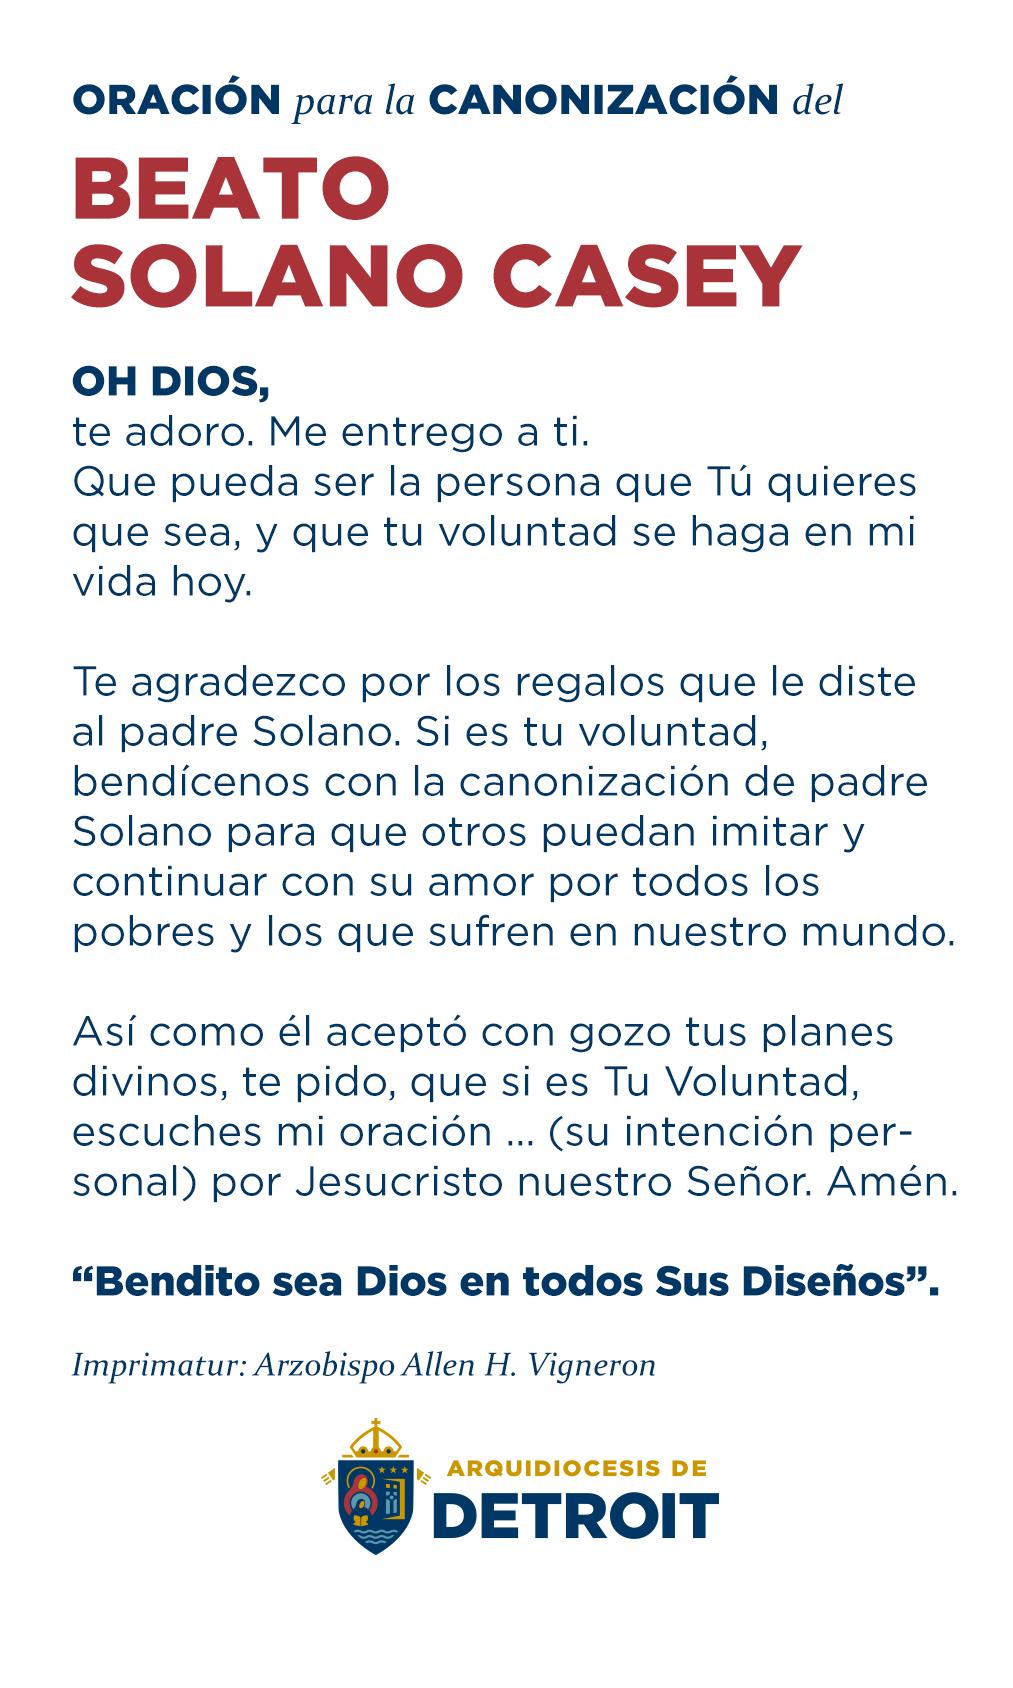 Oración para la Canonización del Beato Solano Casey